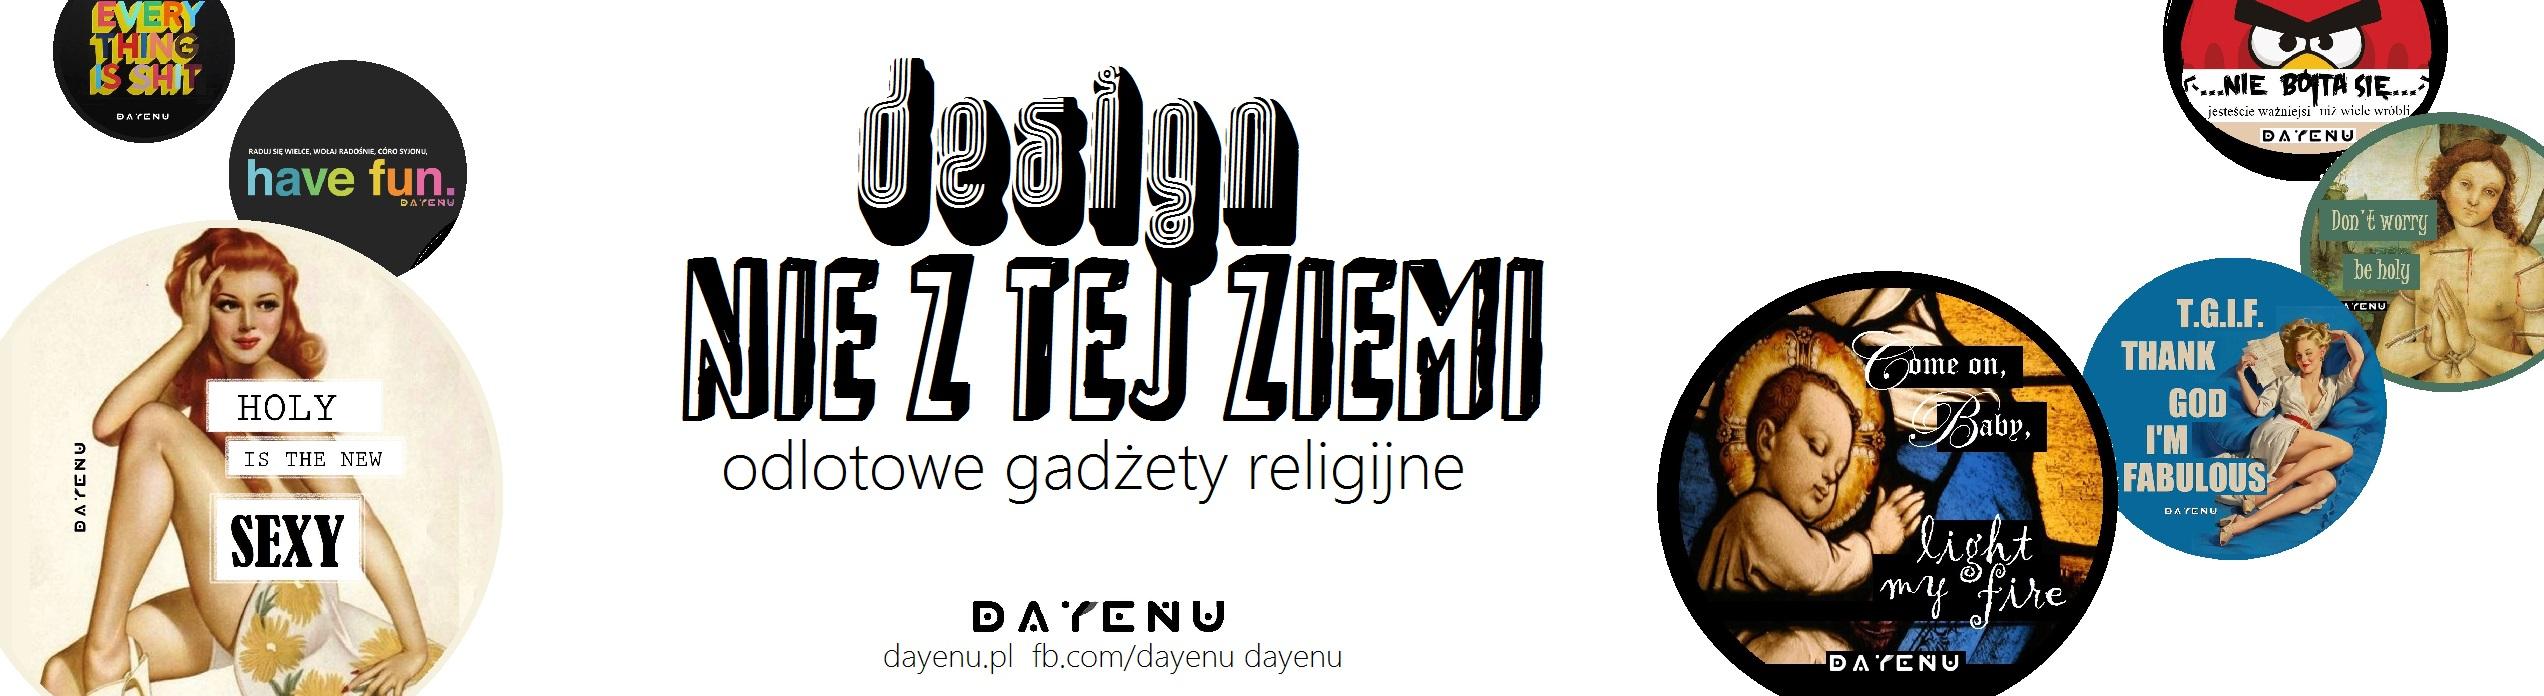 Okrągłe grafiki to nowa chrześcijańska propozycja DAYENU design for God - zdobią koszulki, lizaki, torby i przypinki!